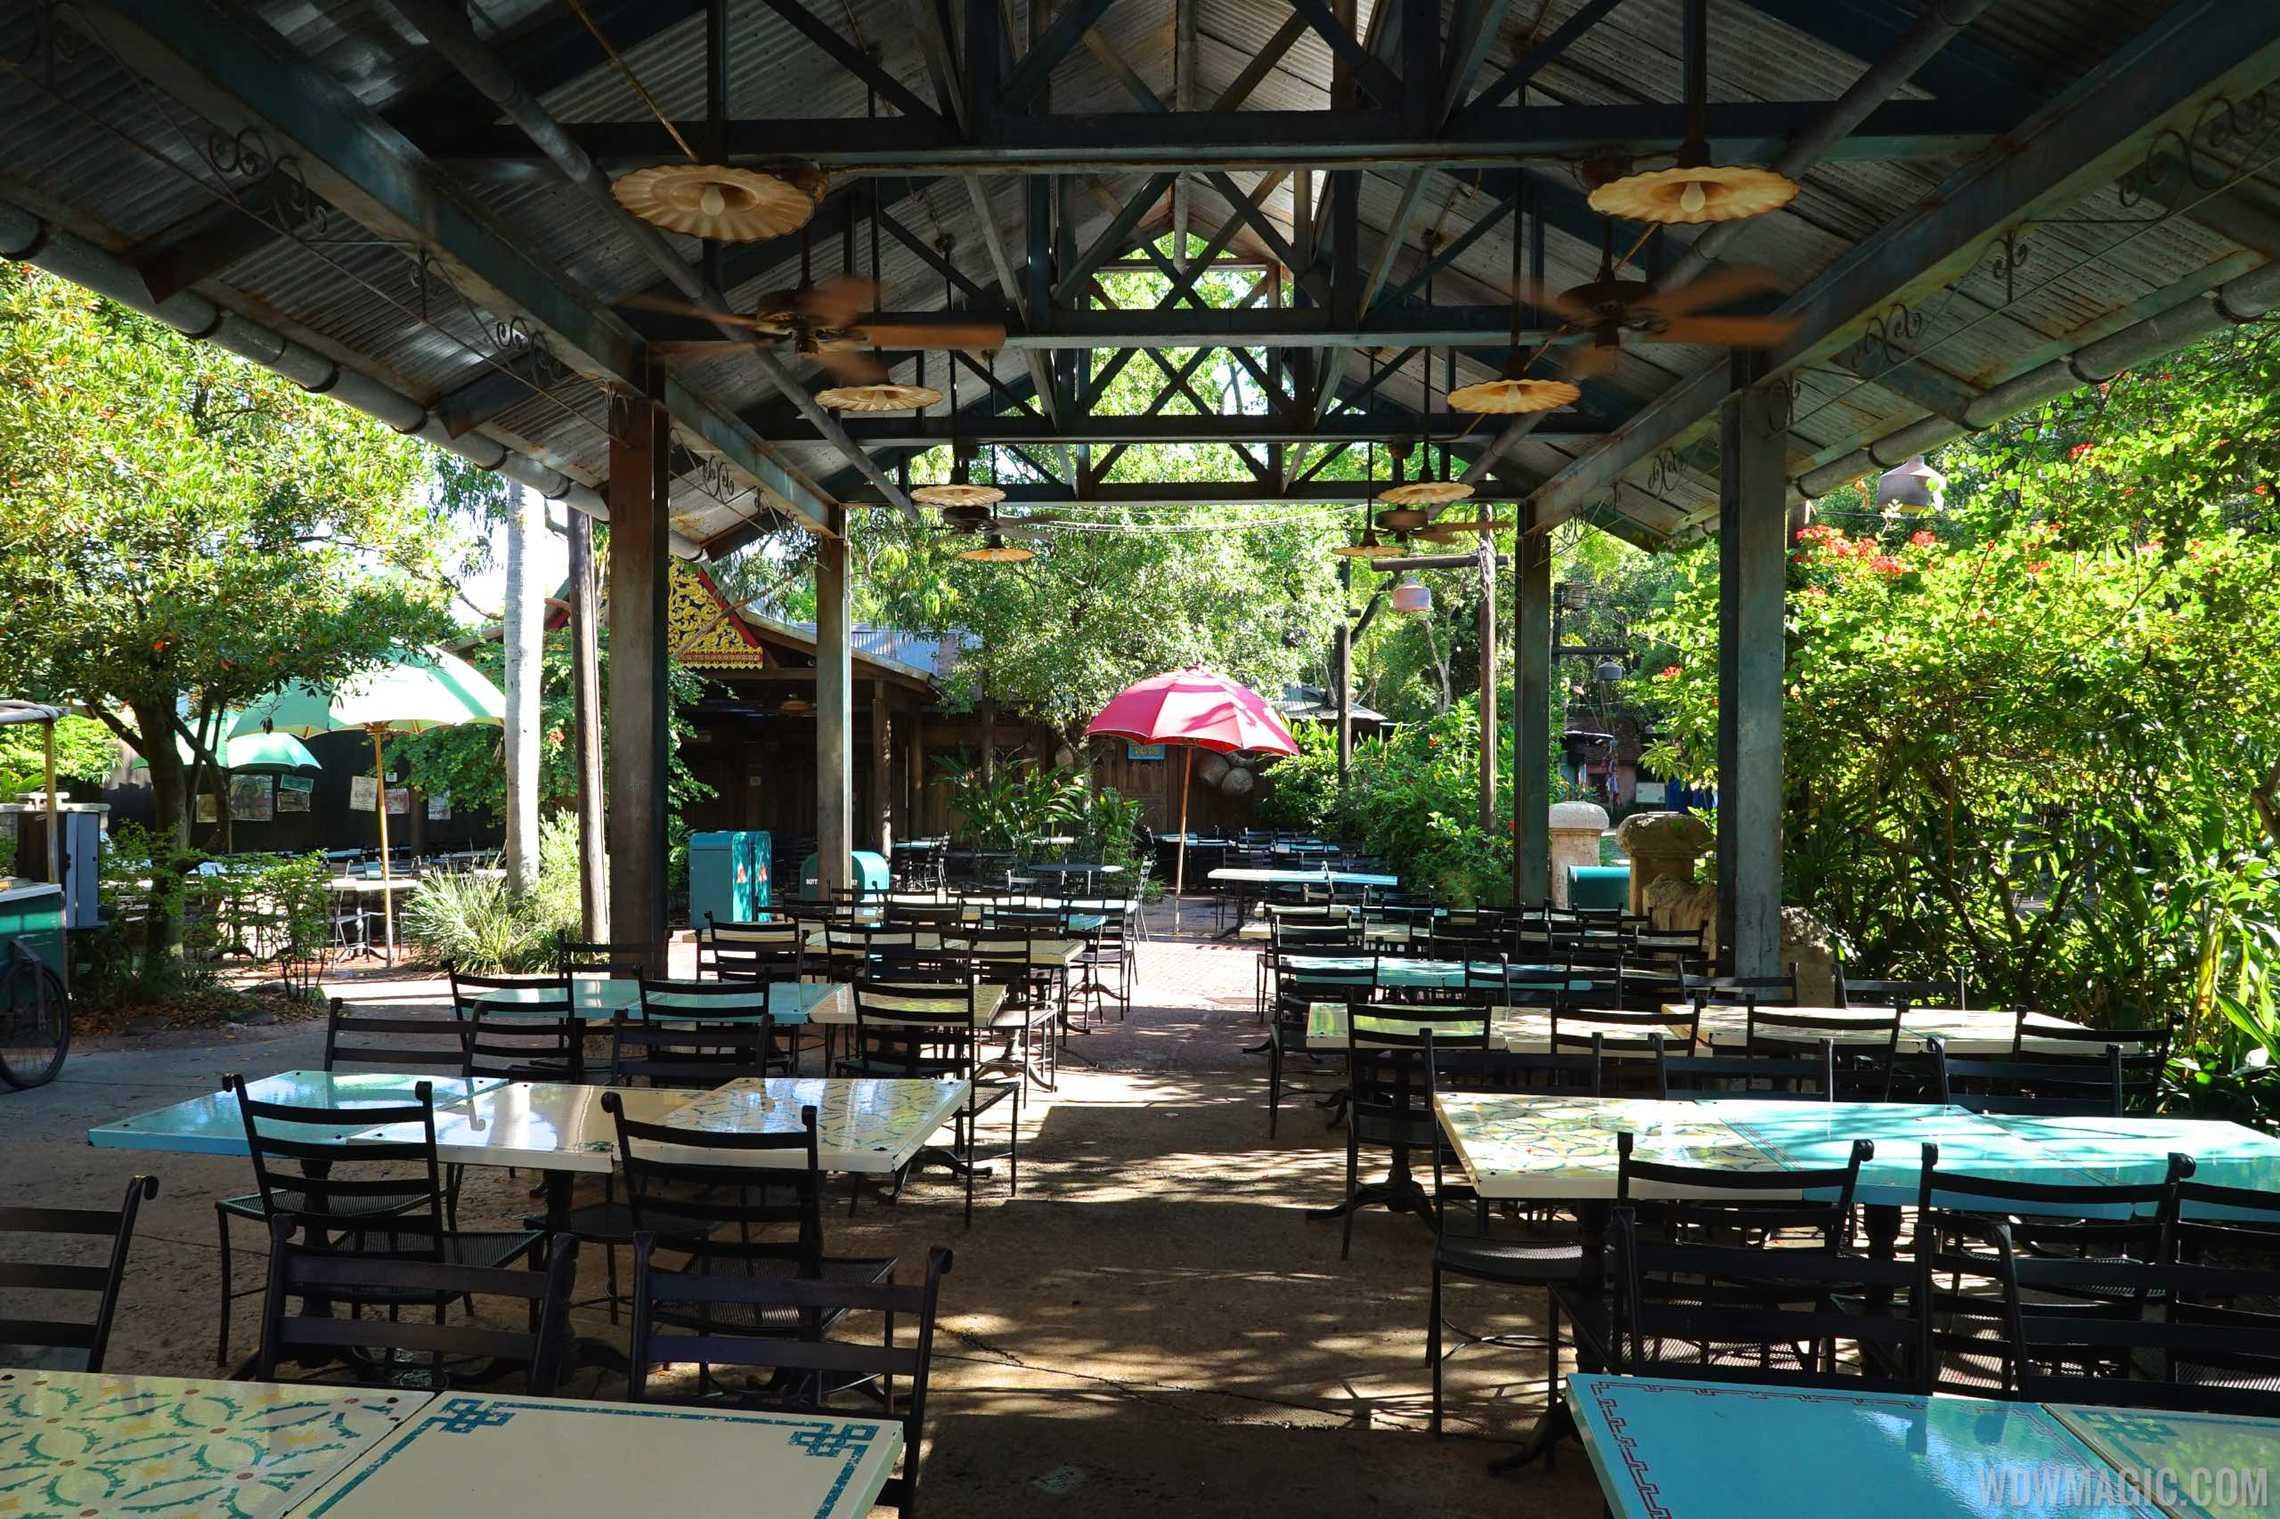 Yak and Yeti Local Foods seating